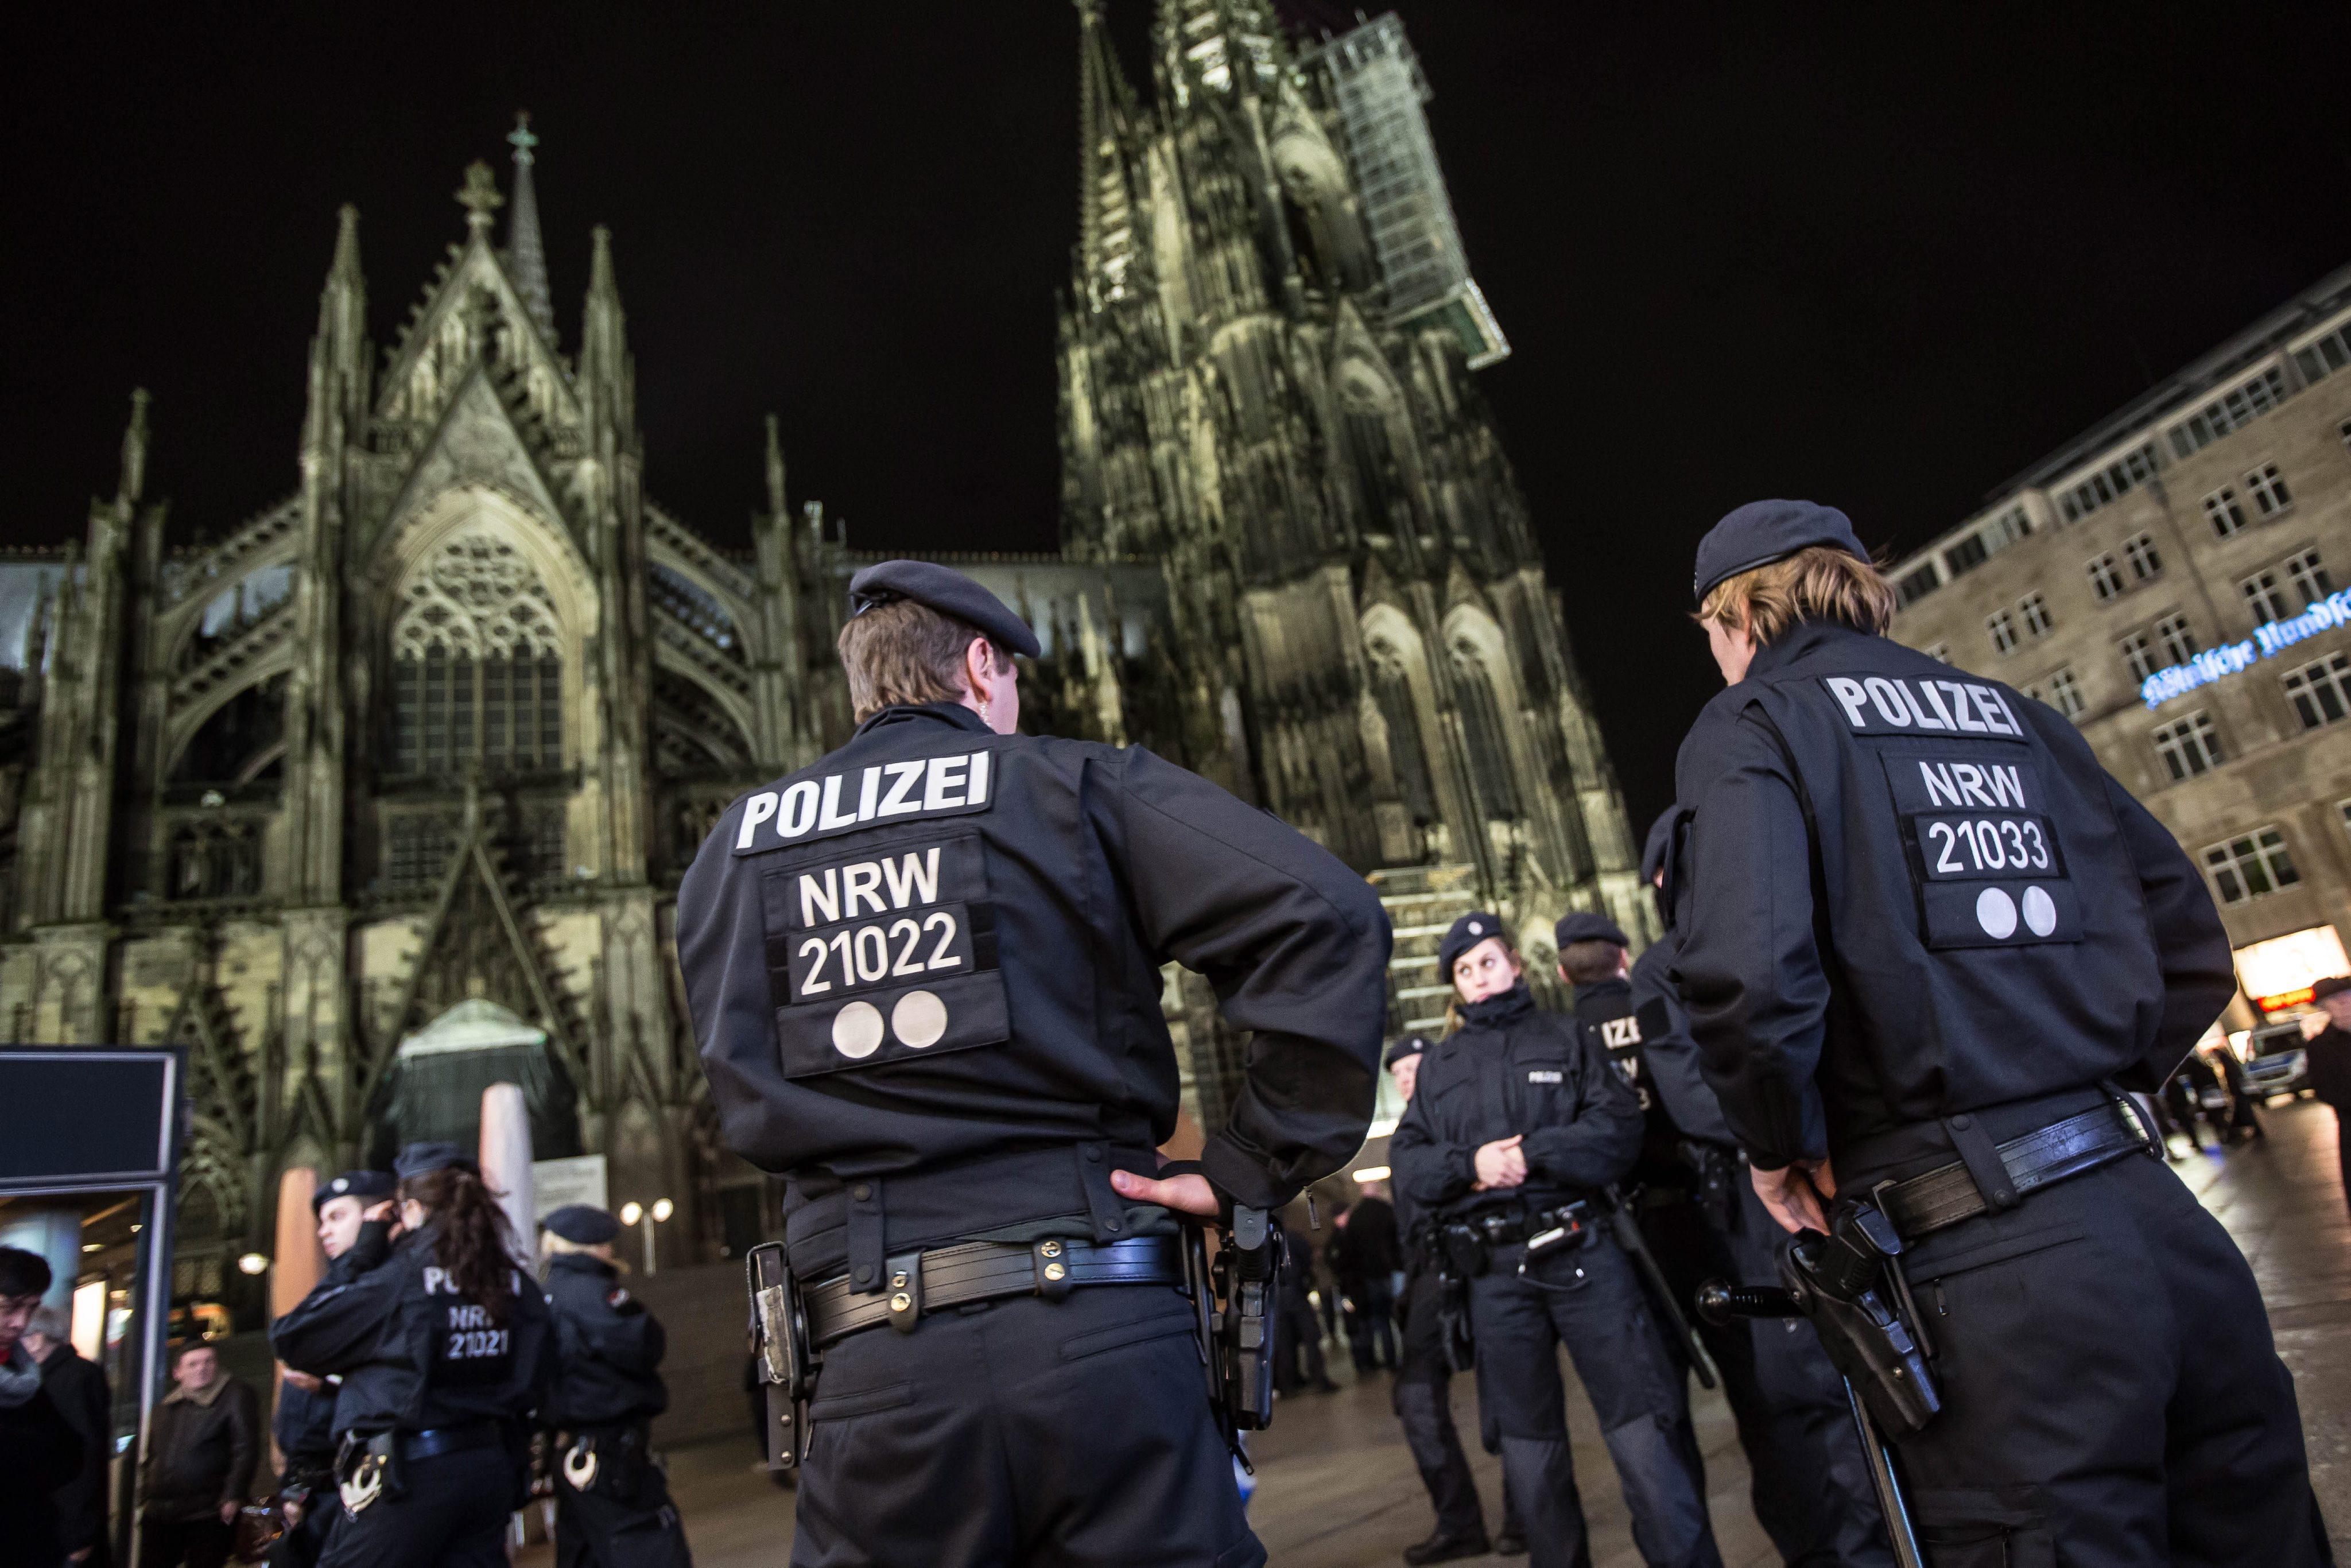 Ministrul de interne german ar fi facut presiuni asupra politiei, dupa incidentele din Koln. Ce nu a vrut sa apara in raport